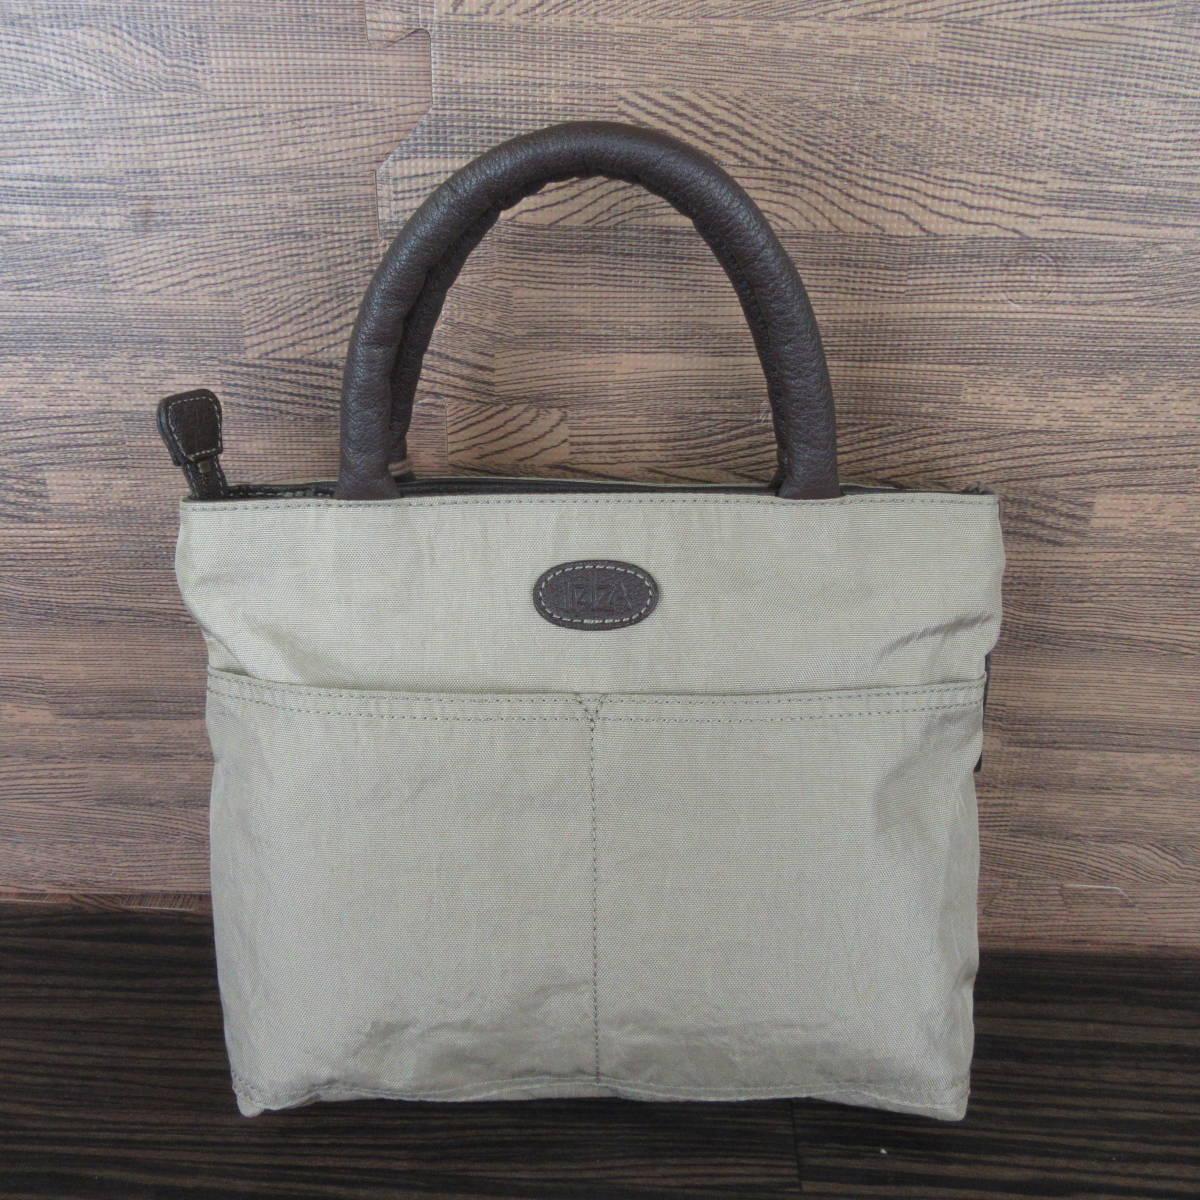 IBIZA イビザ ナイロン×レザー フラワーワッペン ハンドバッグ 保存袋 ブラウン×ベージュ系 東KK_画像3